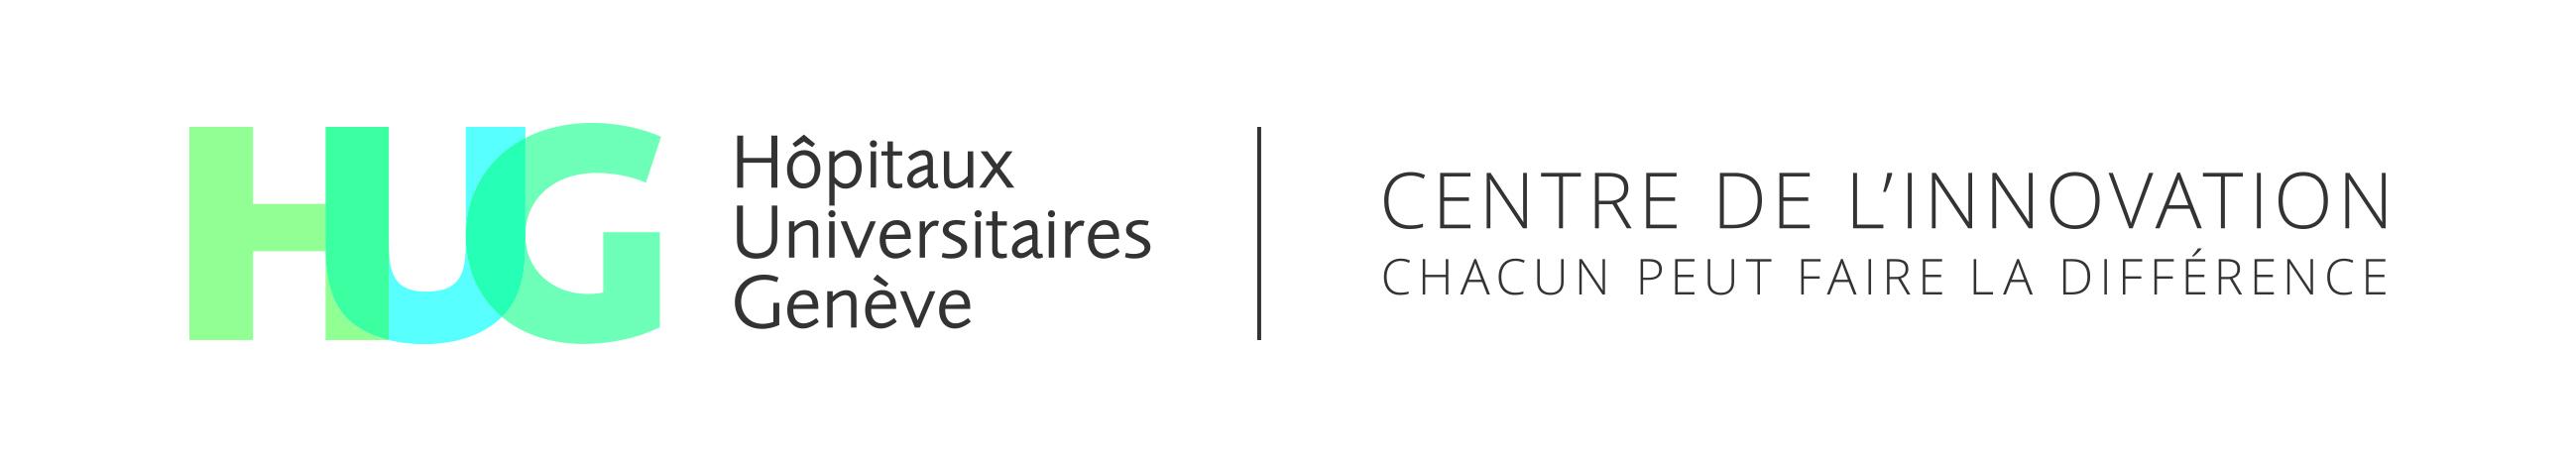 Centre_Innovation_logo_Chacun